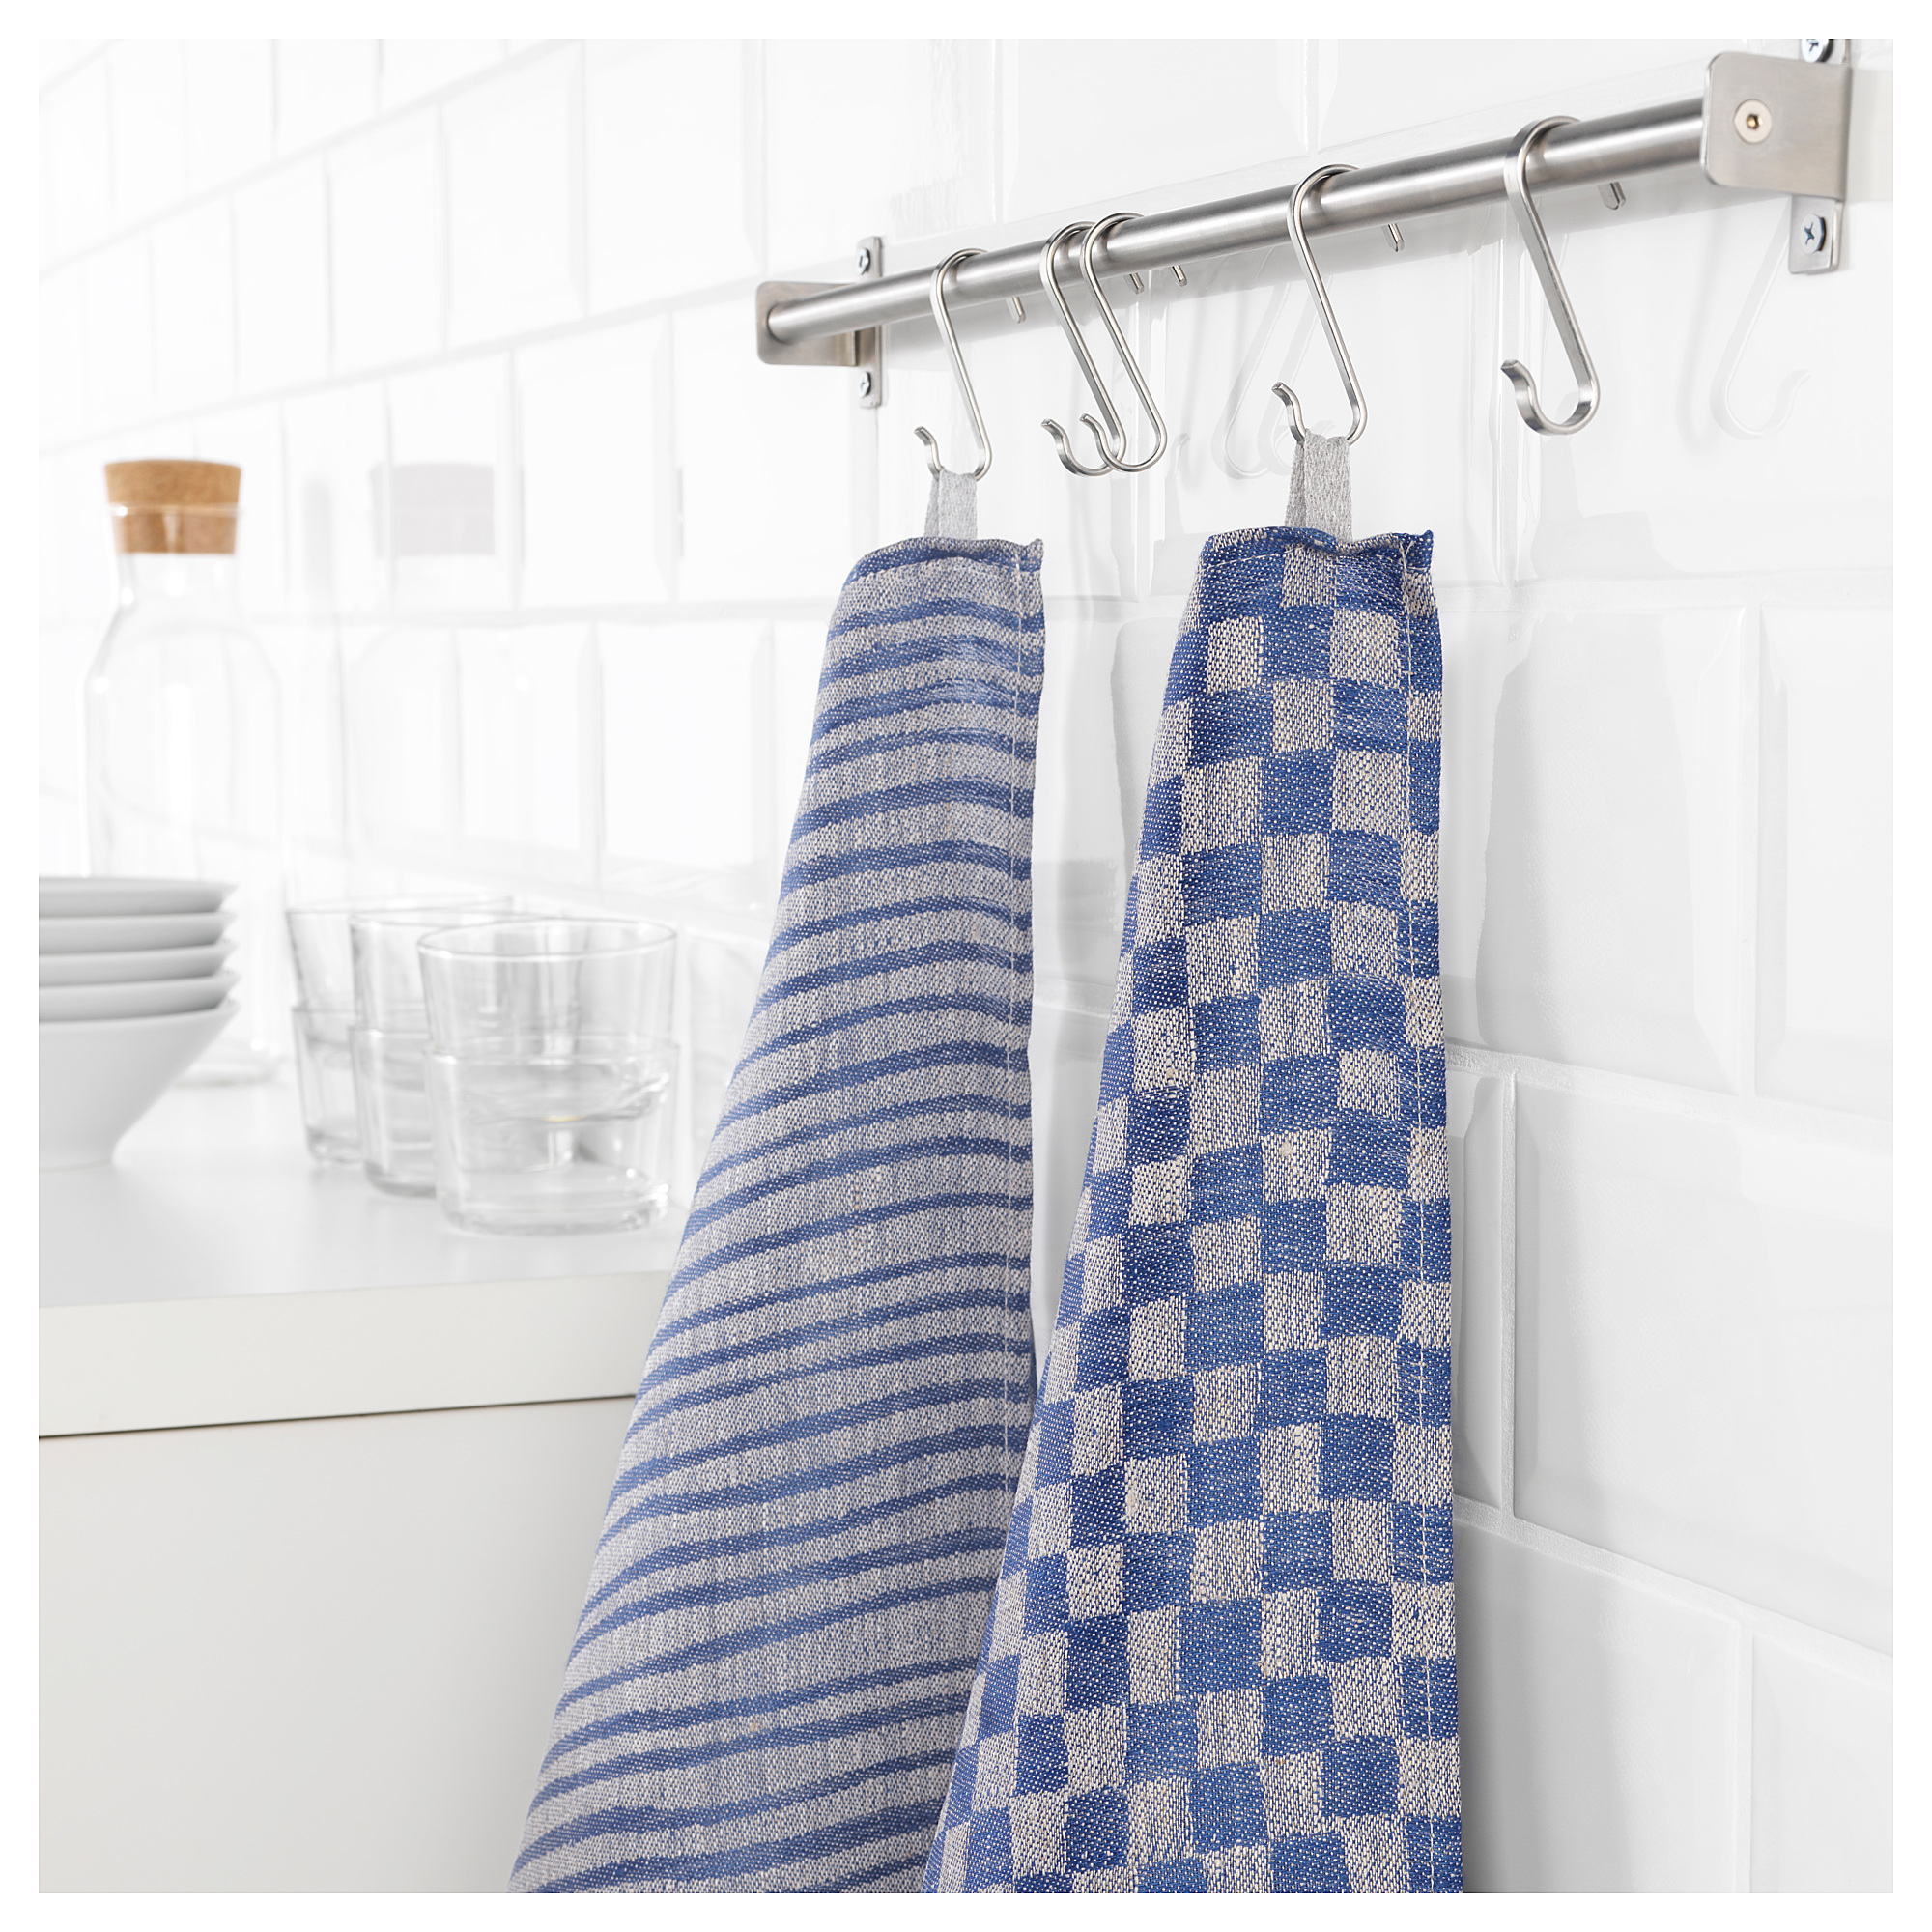 Полотенце кухонное ИНДУСТРИЕЛЛ синий артикуль № 504.103.87 в наличии. Интернет сайт IKEA Республика Беларусь. Недорогая доставка и установка.